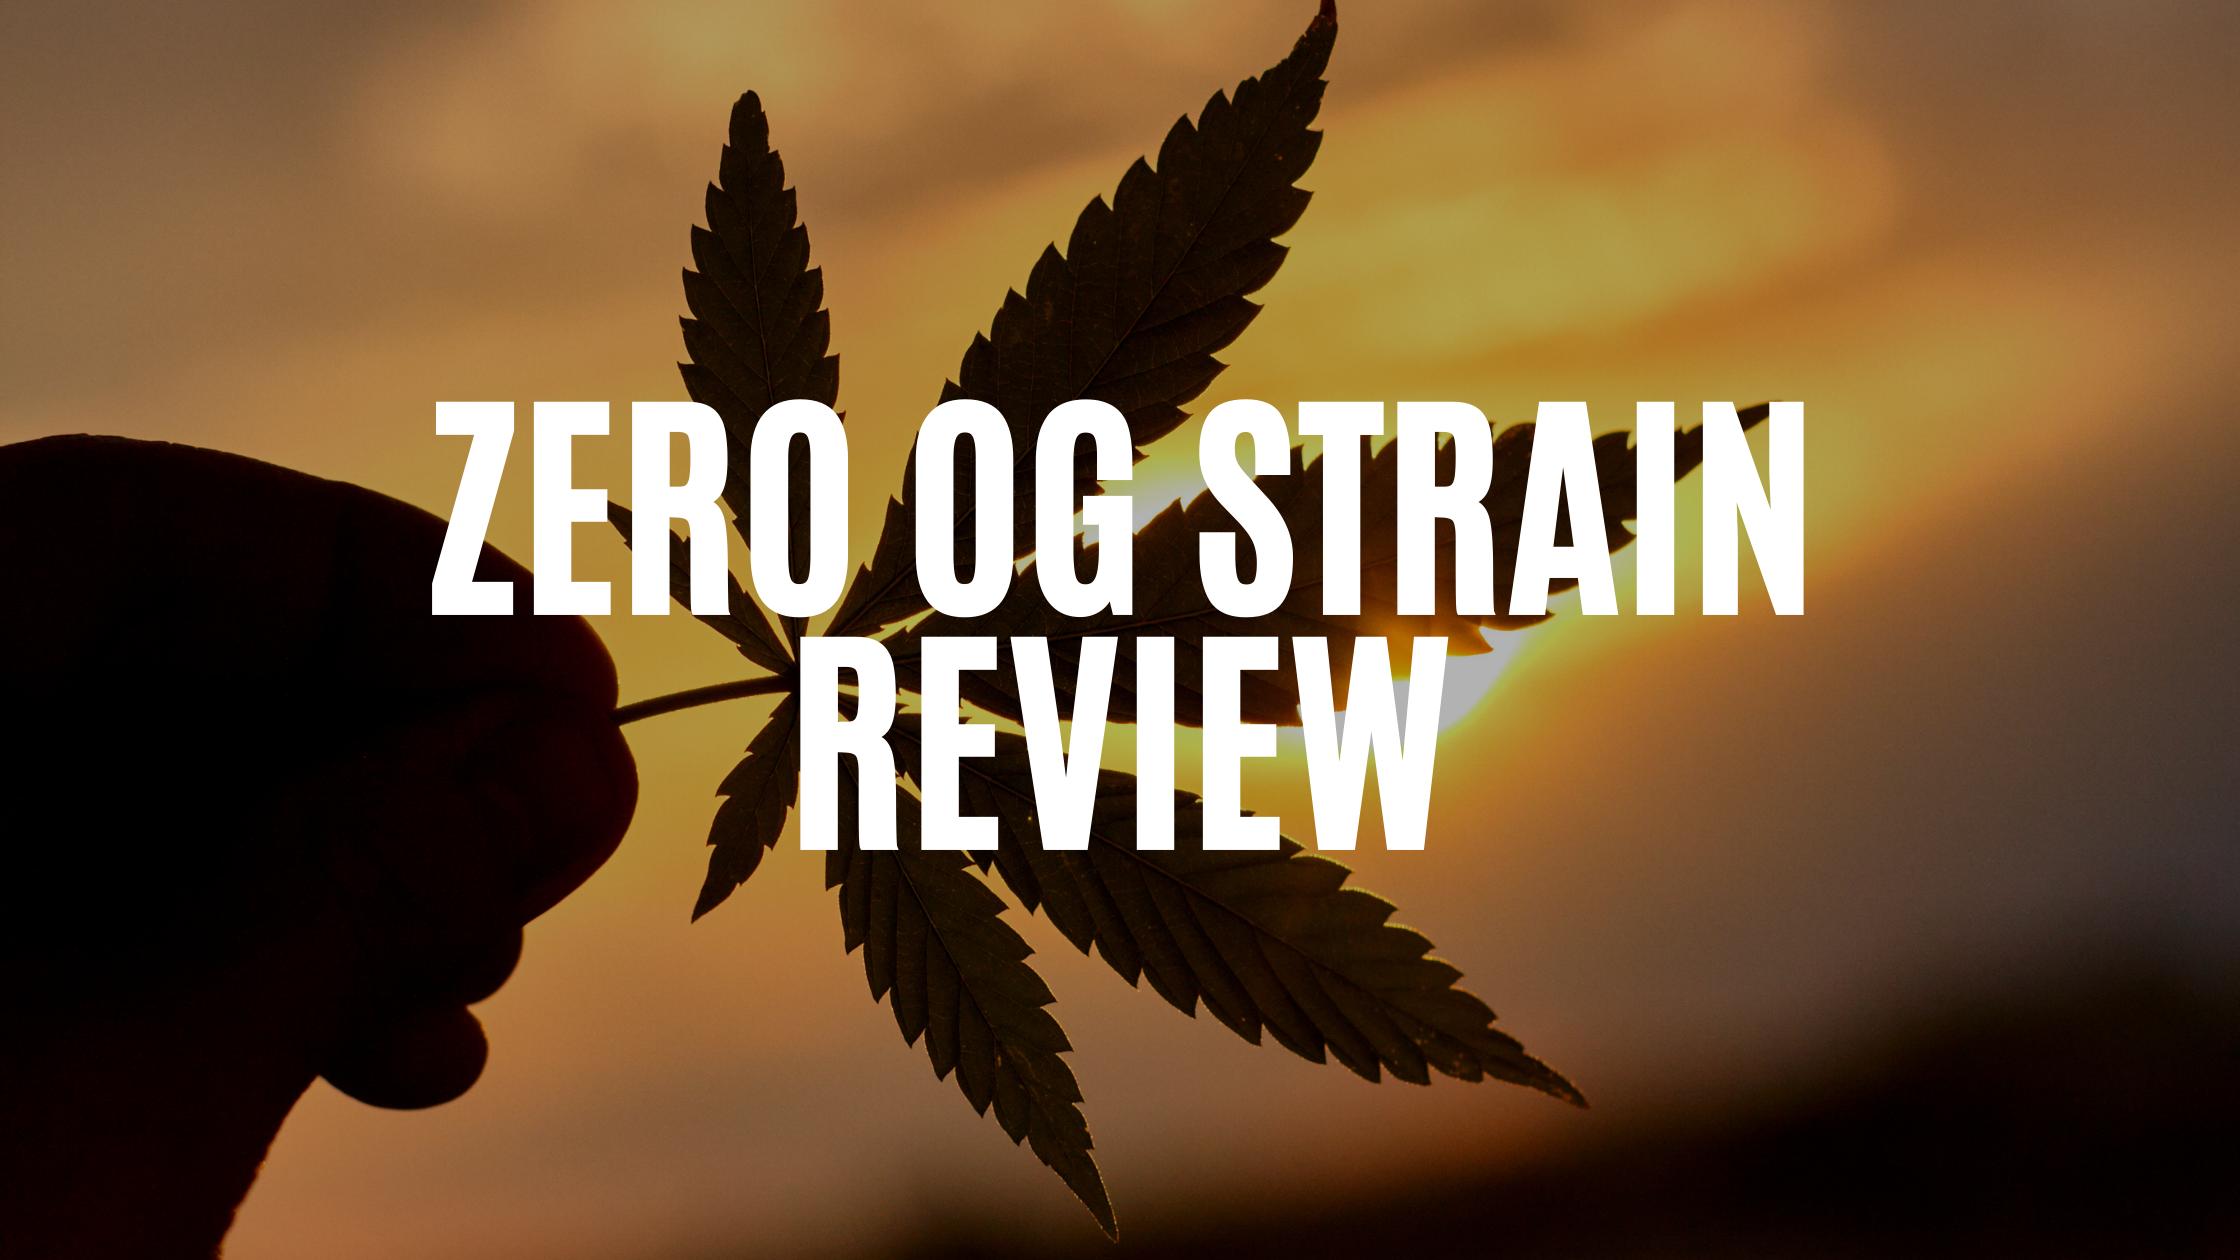 zero-og-strain-review